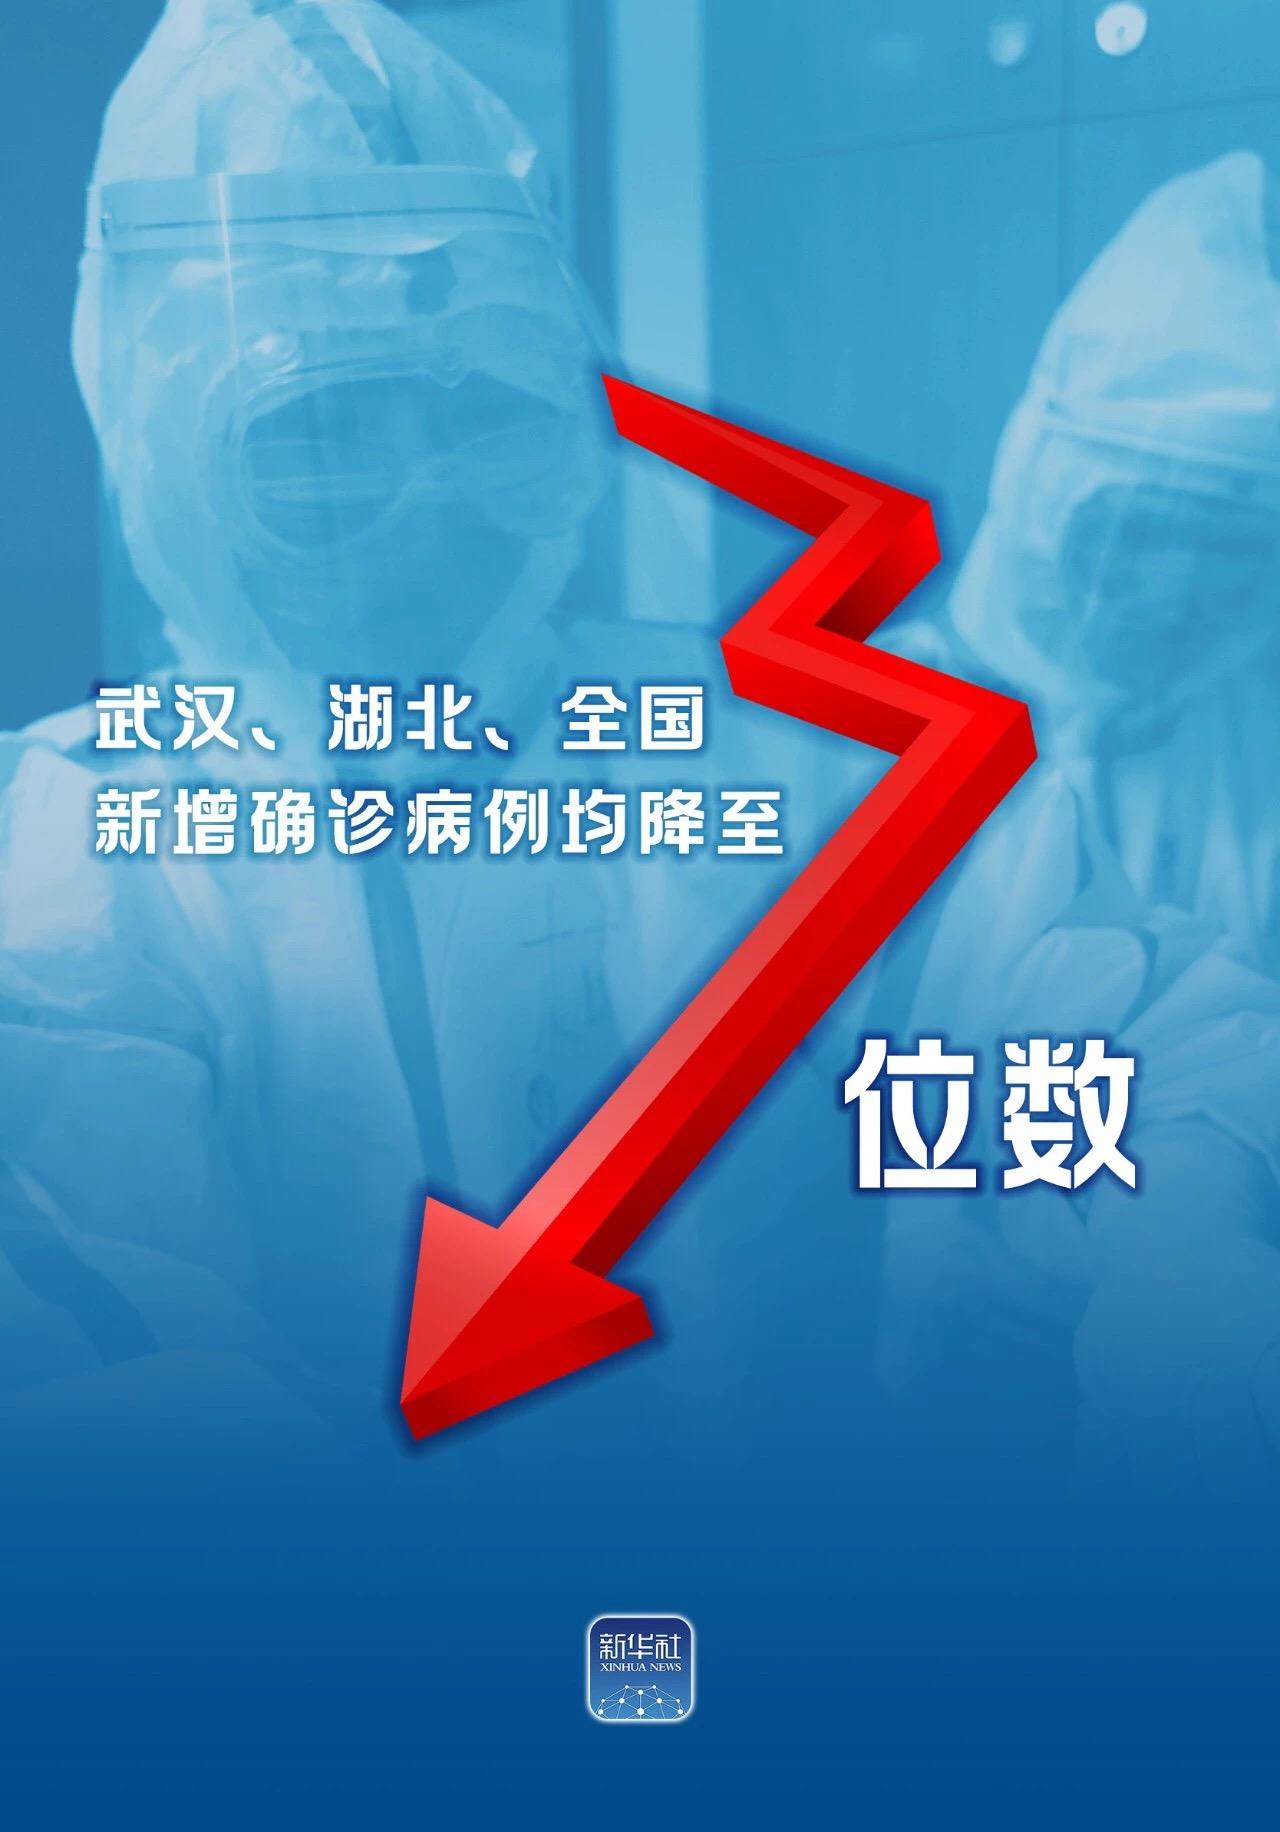 北京思路智园科技有限公司统计员工返程情况